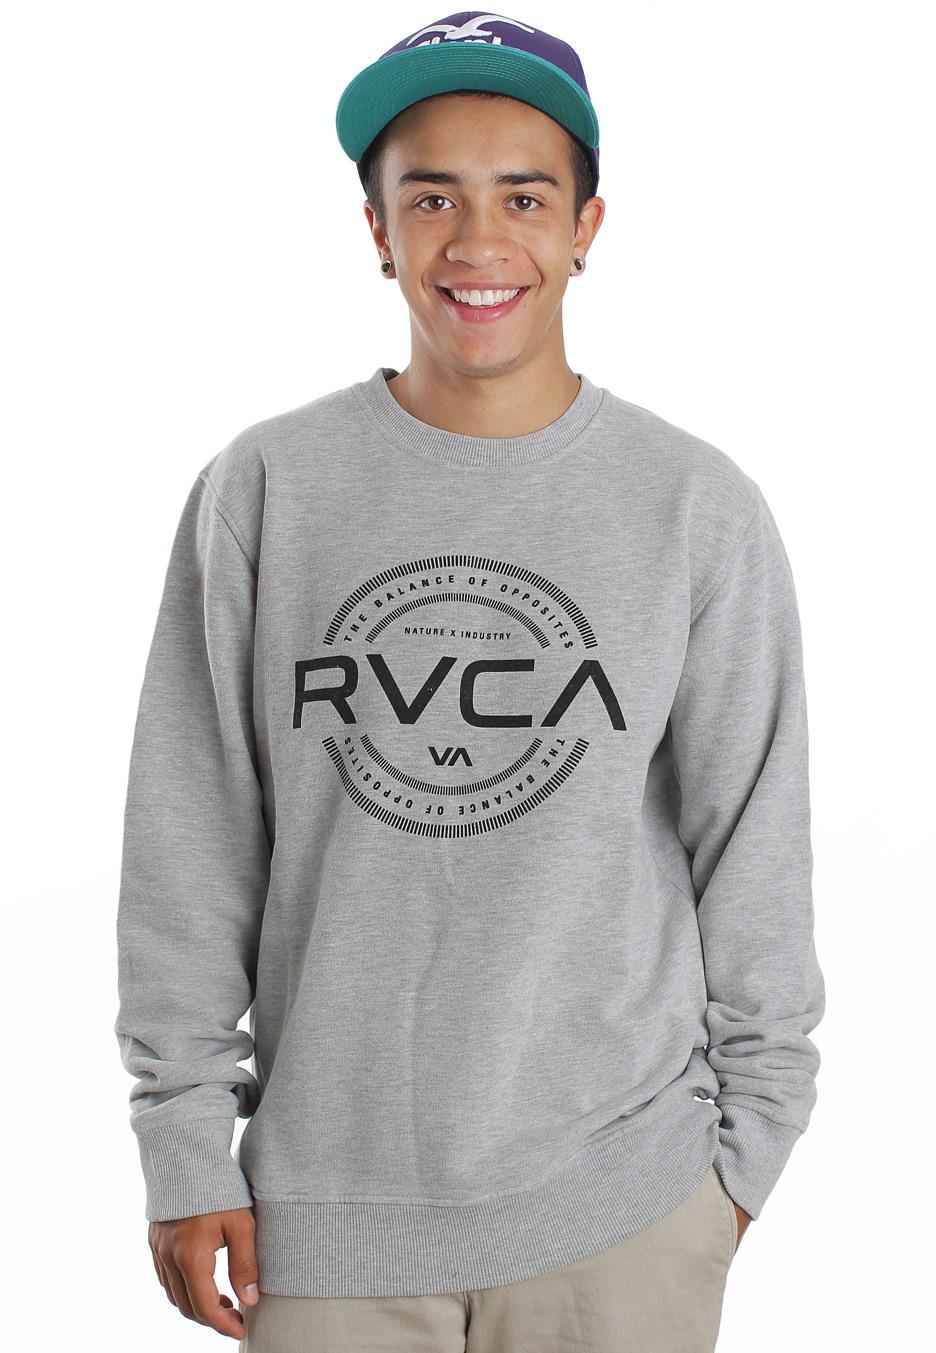 RVCA , Industry Stamp Grey Heather , Sweater , Tienda de marcas , Impericon.com ES